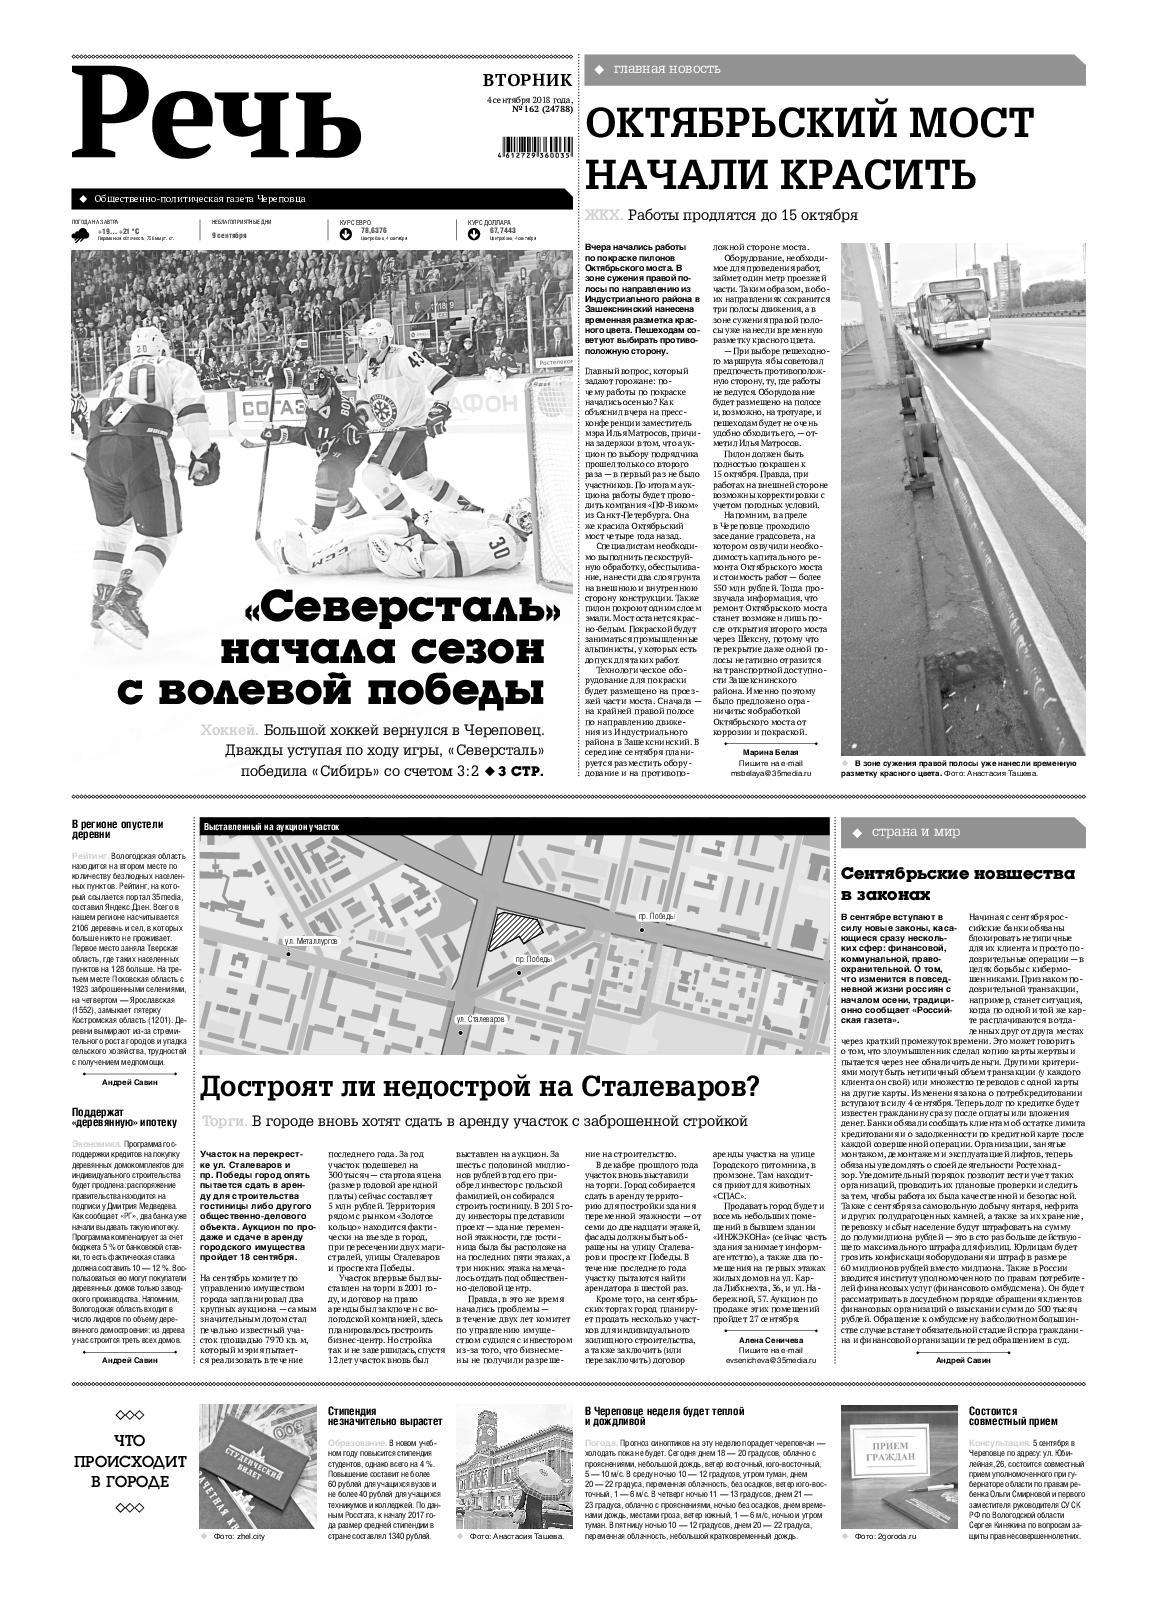 савелий хочет взять в кредит 1.4 млн рублей погашение кредита происходит хендай в кредит условия